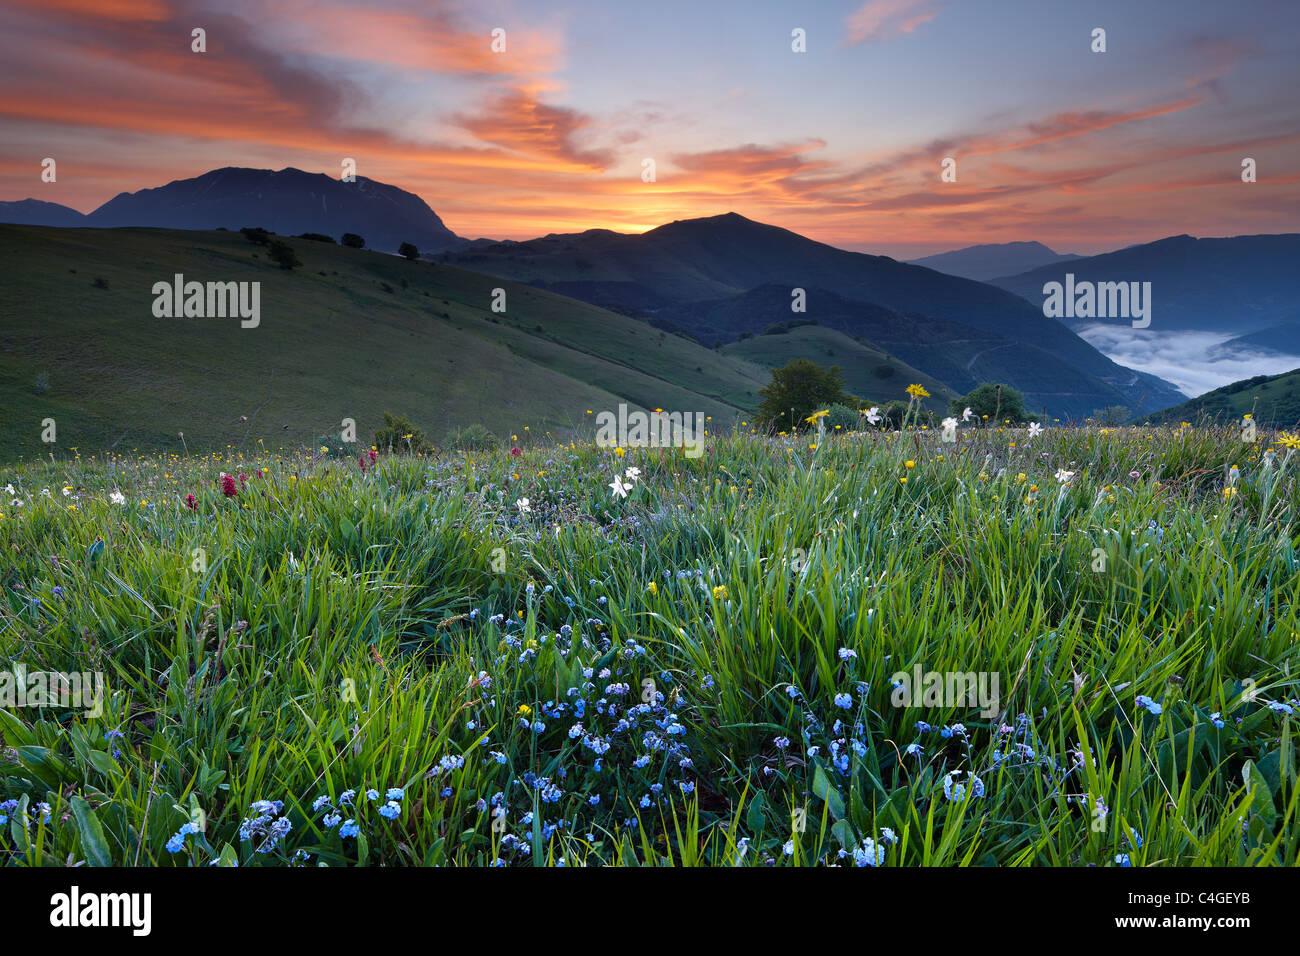 Monte Vettore y las flores silvestres en Forca Canapine al amanecer, Monti Sibillini National Park, Umbría. Foto de stock